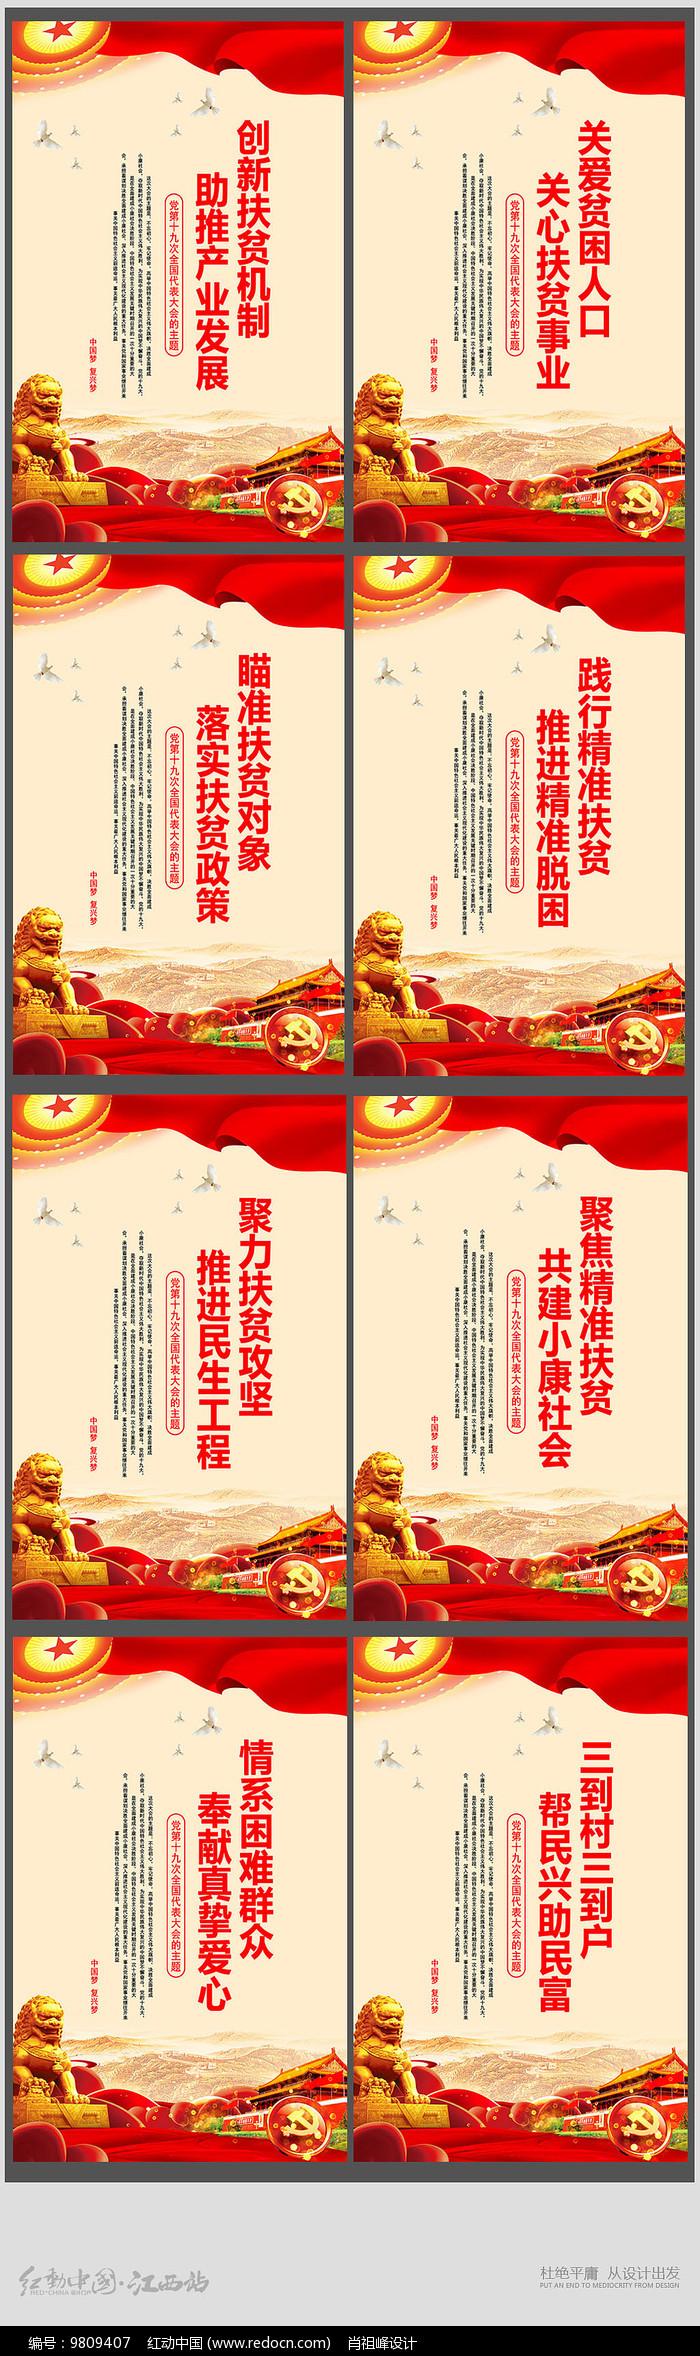 红色党建标语展板设计